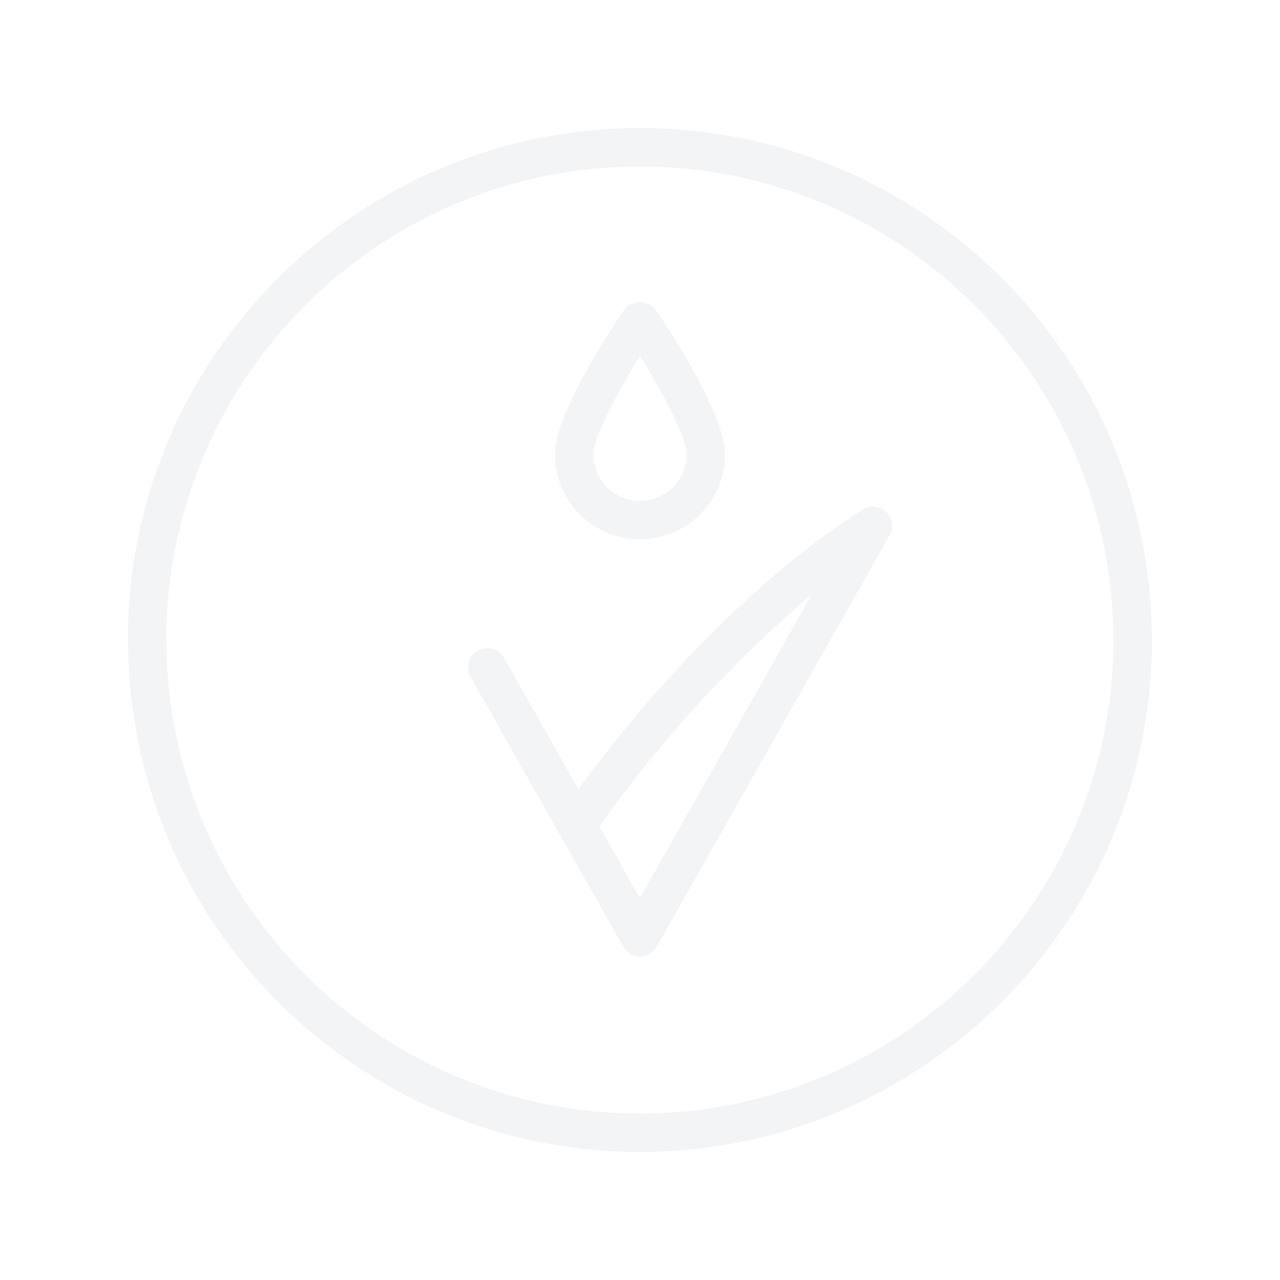 LANCASTER 365 Skin Repair Youth Memory Night Cream омолаживающий ночной крем 50ml